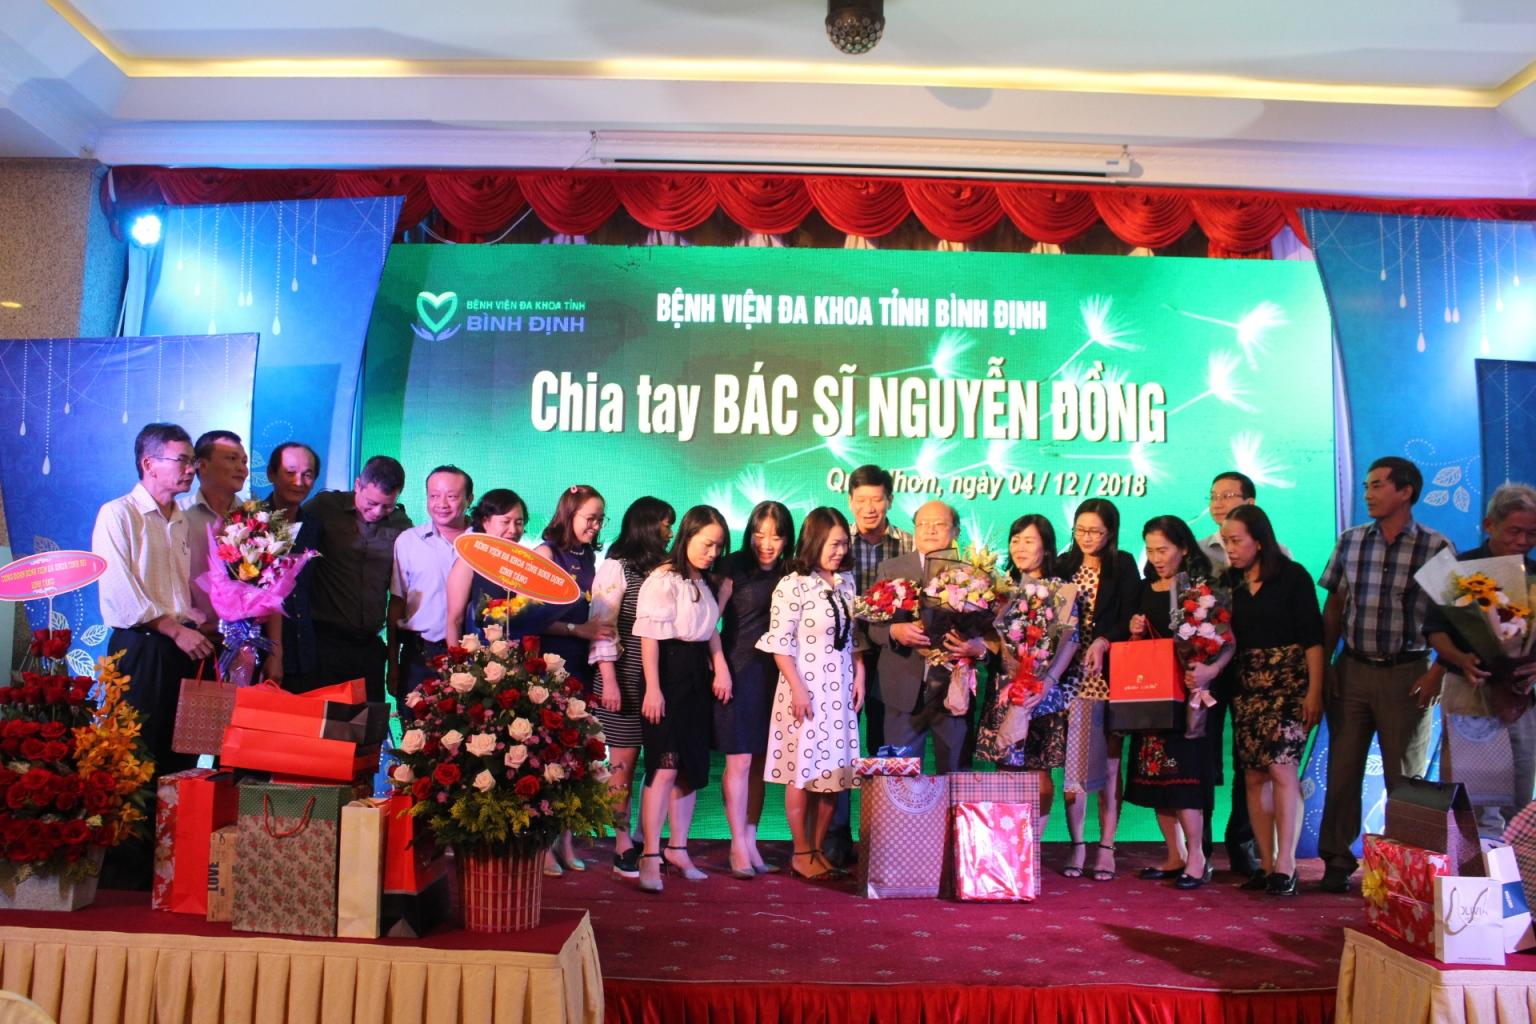 Lễ chia tay Bác sĩ Nguyễn Đồng